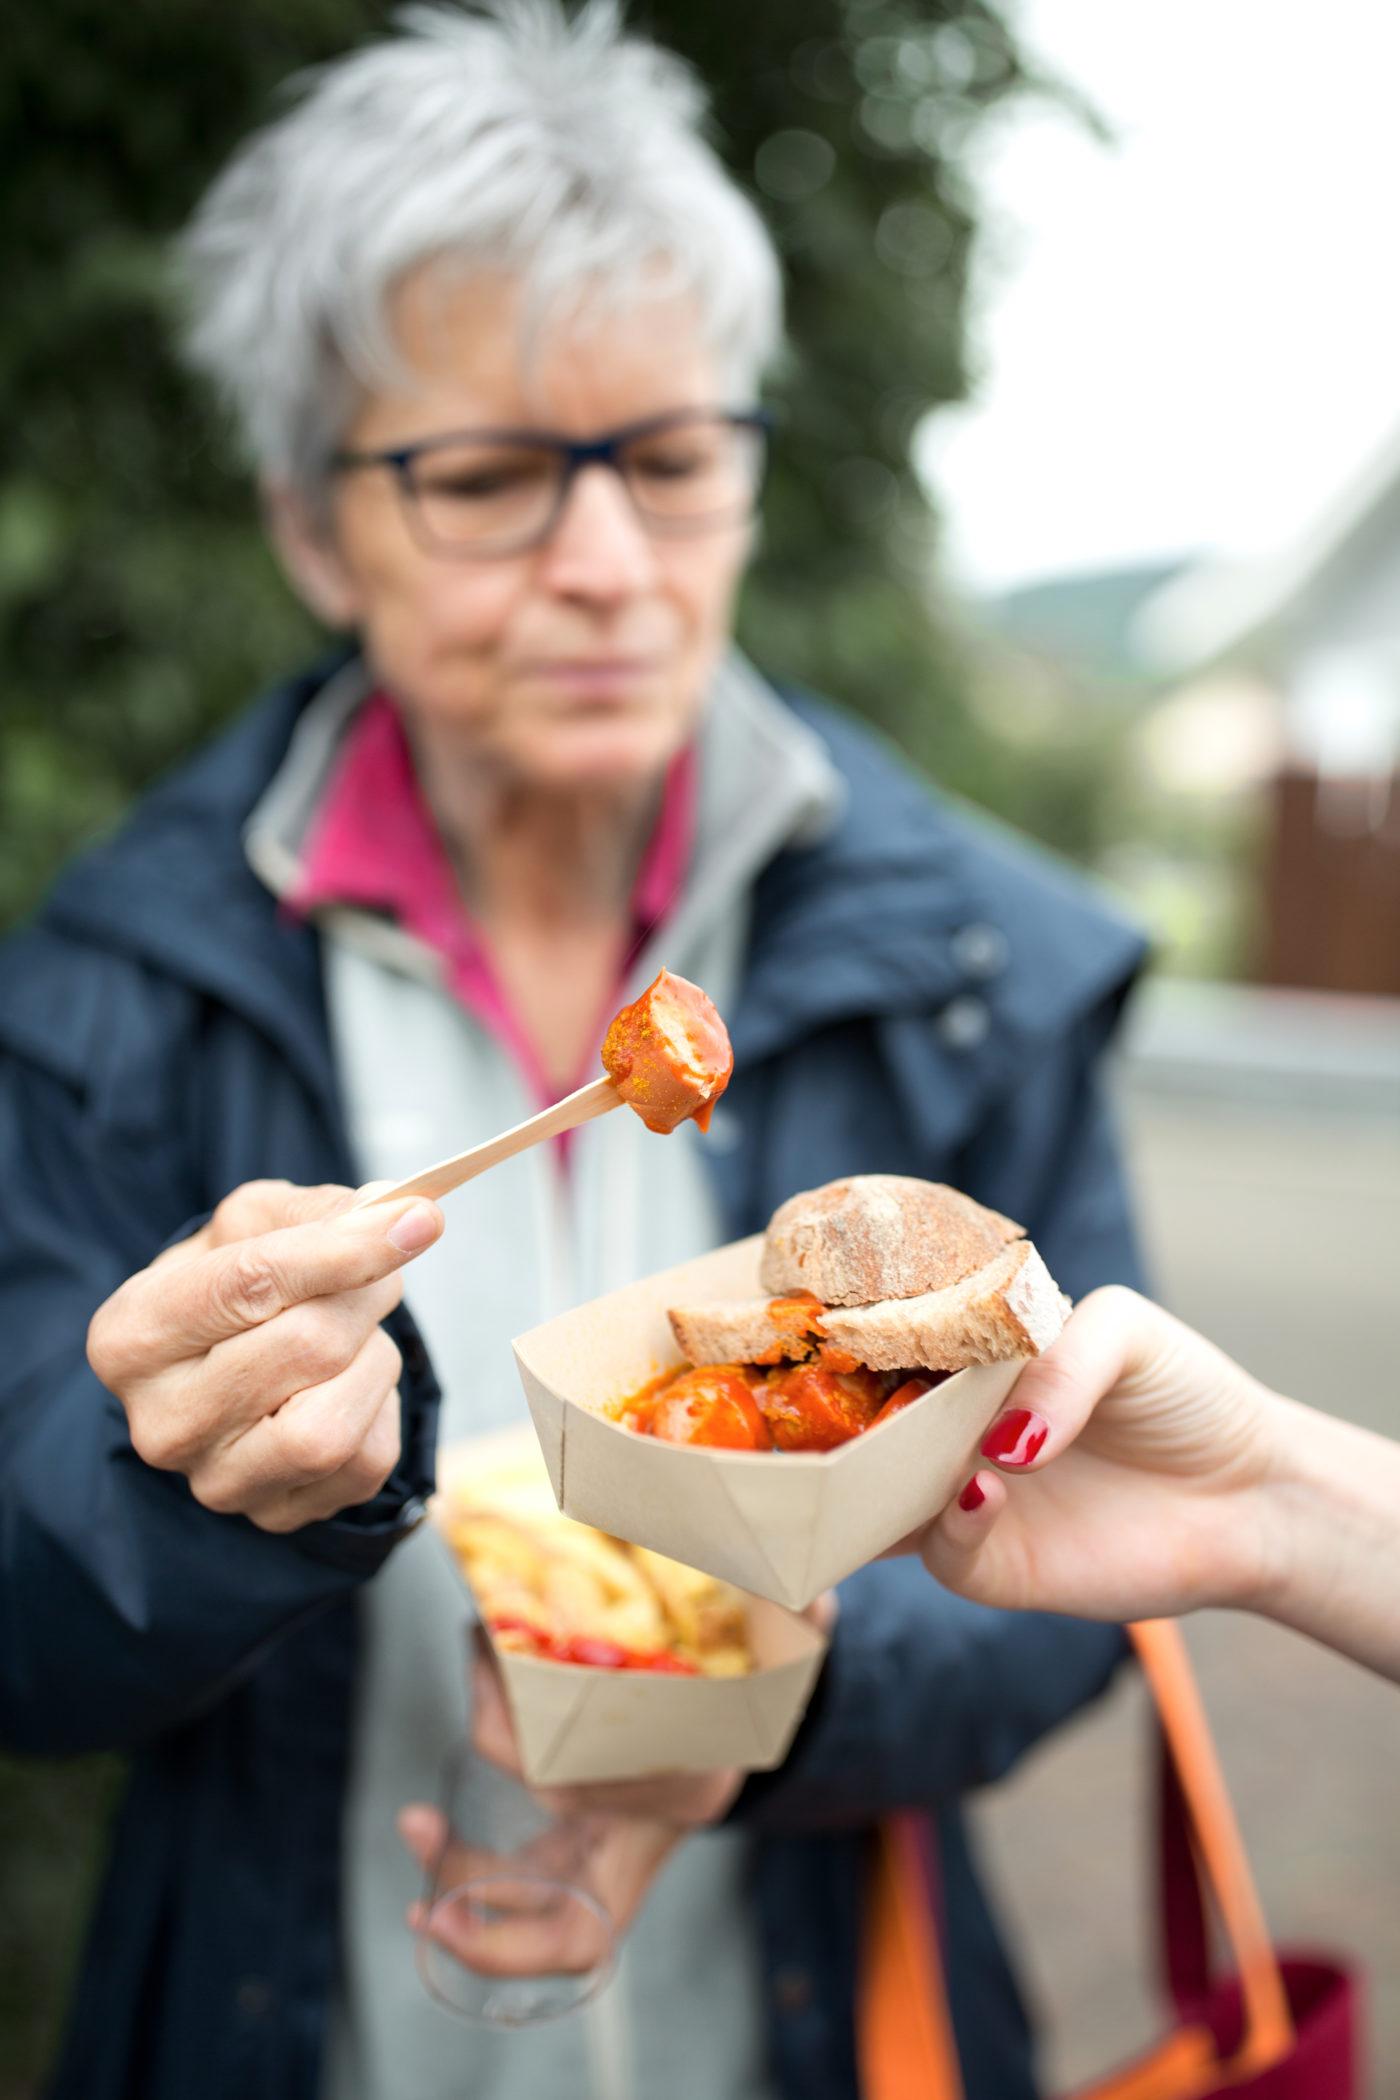 Curry Würstchen Foodtruck Impressionen | görriwürschtli Foodtruck Liestal – Das Currywurst-Erlebnis